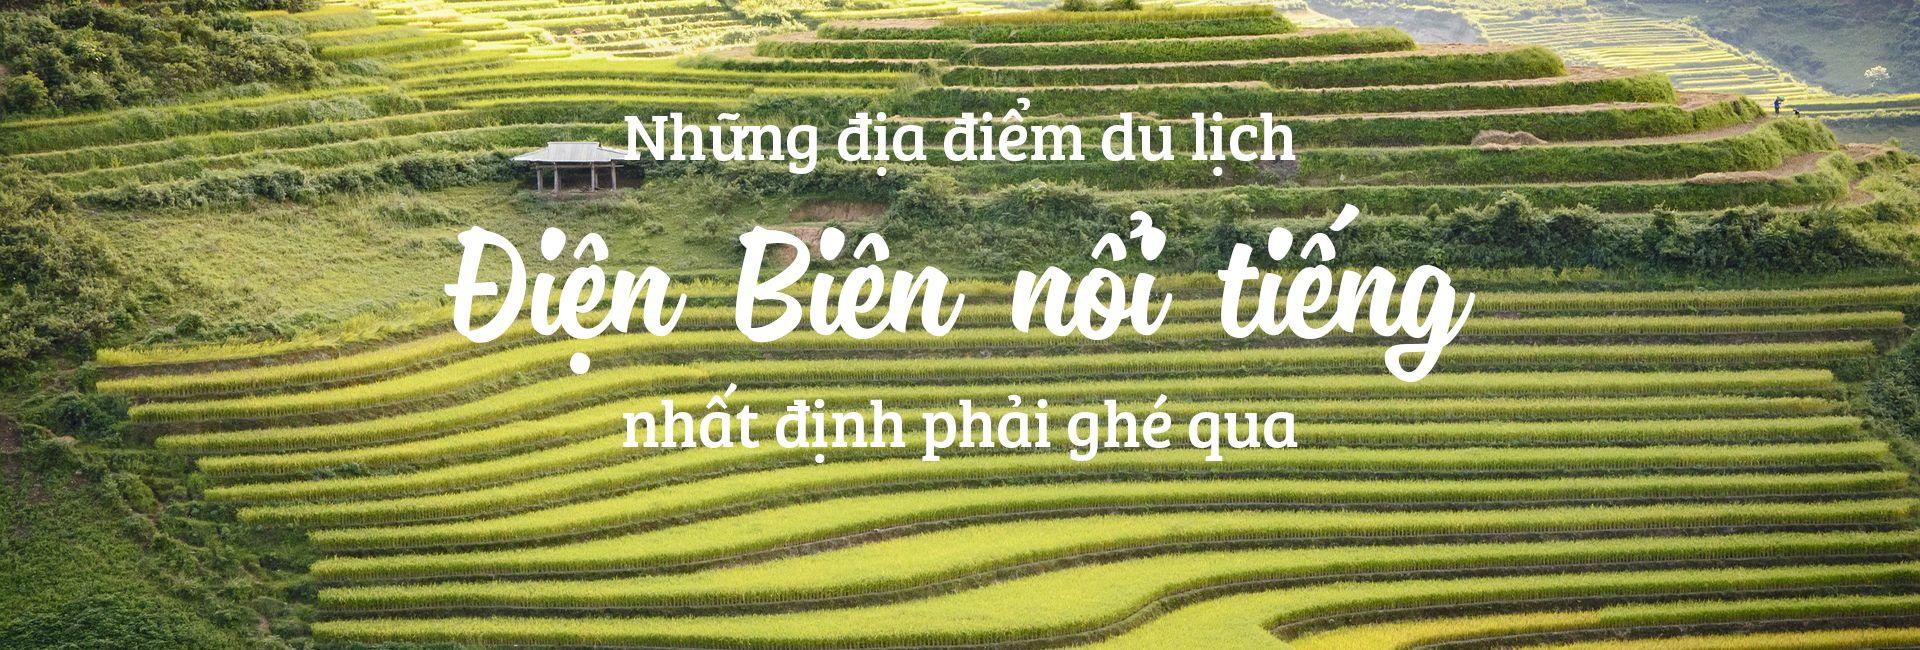 Top 7 địa điểm du lịch hấp dẫn ở Điện Biên